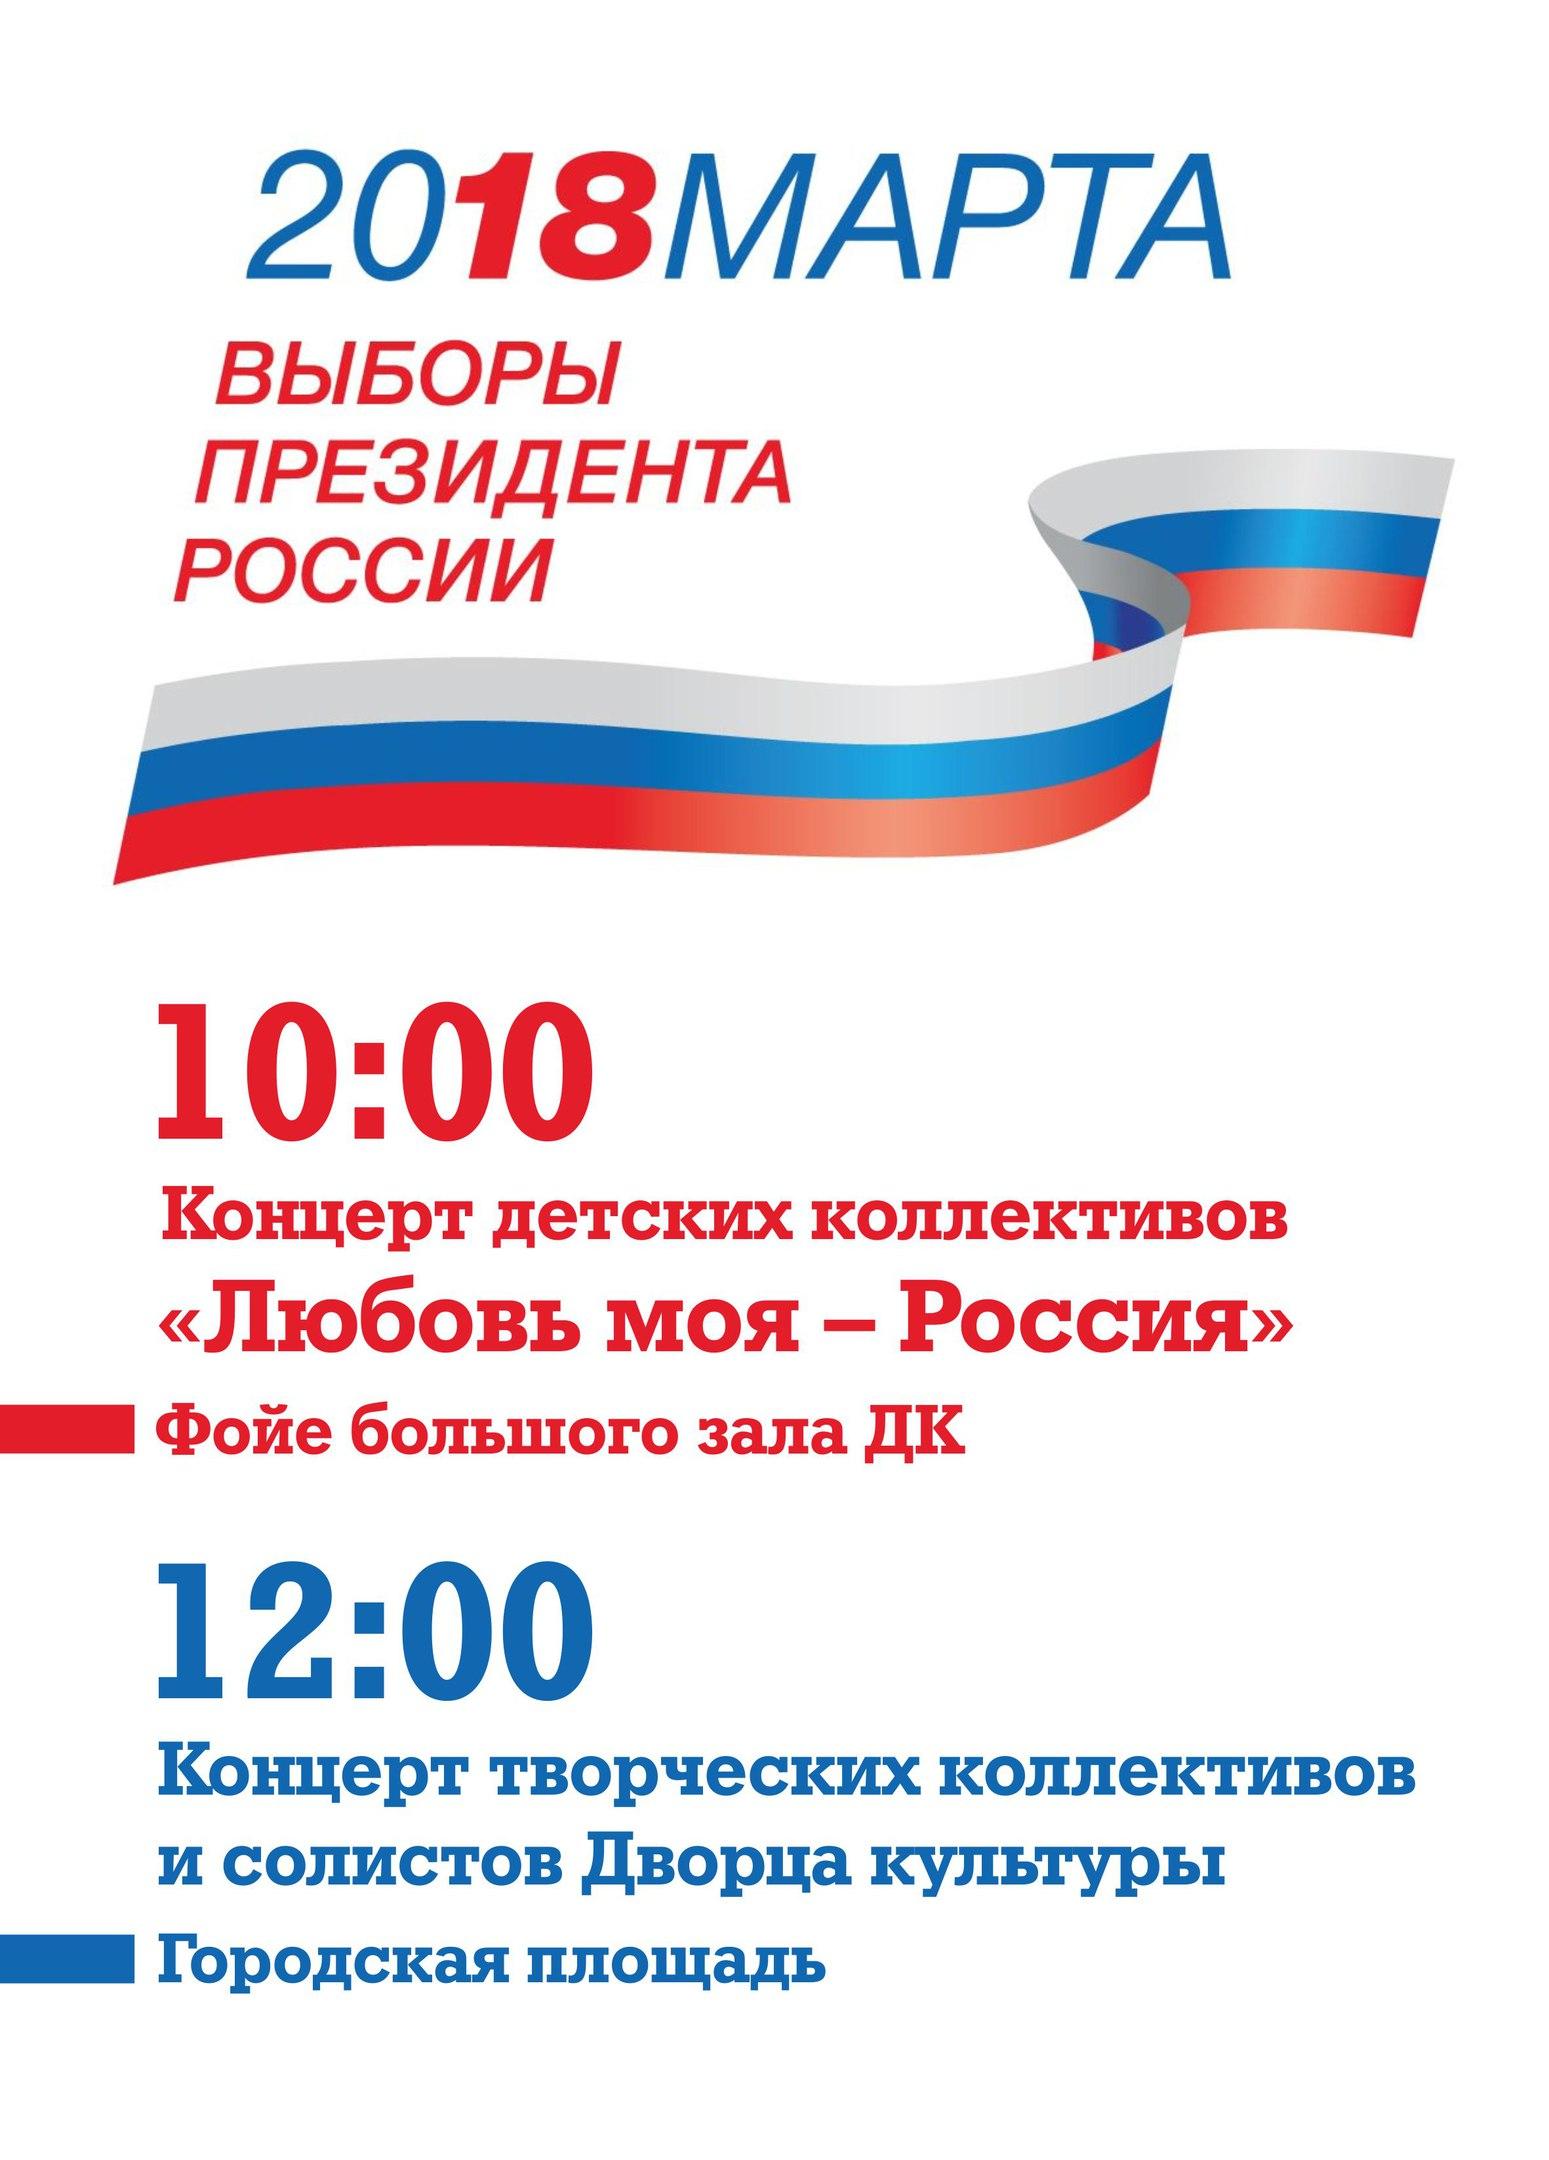 Любовь моя – Россия